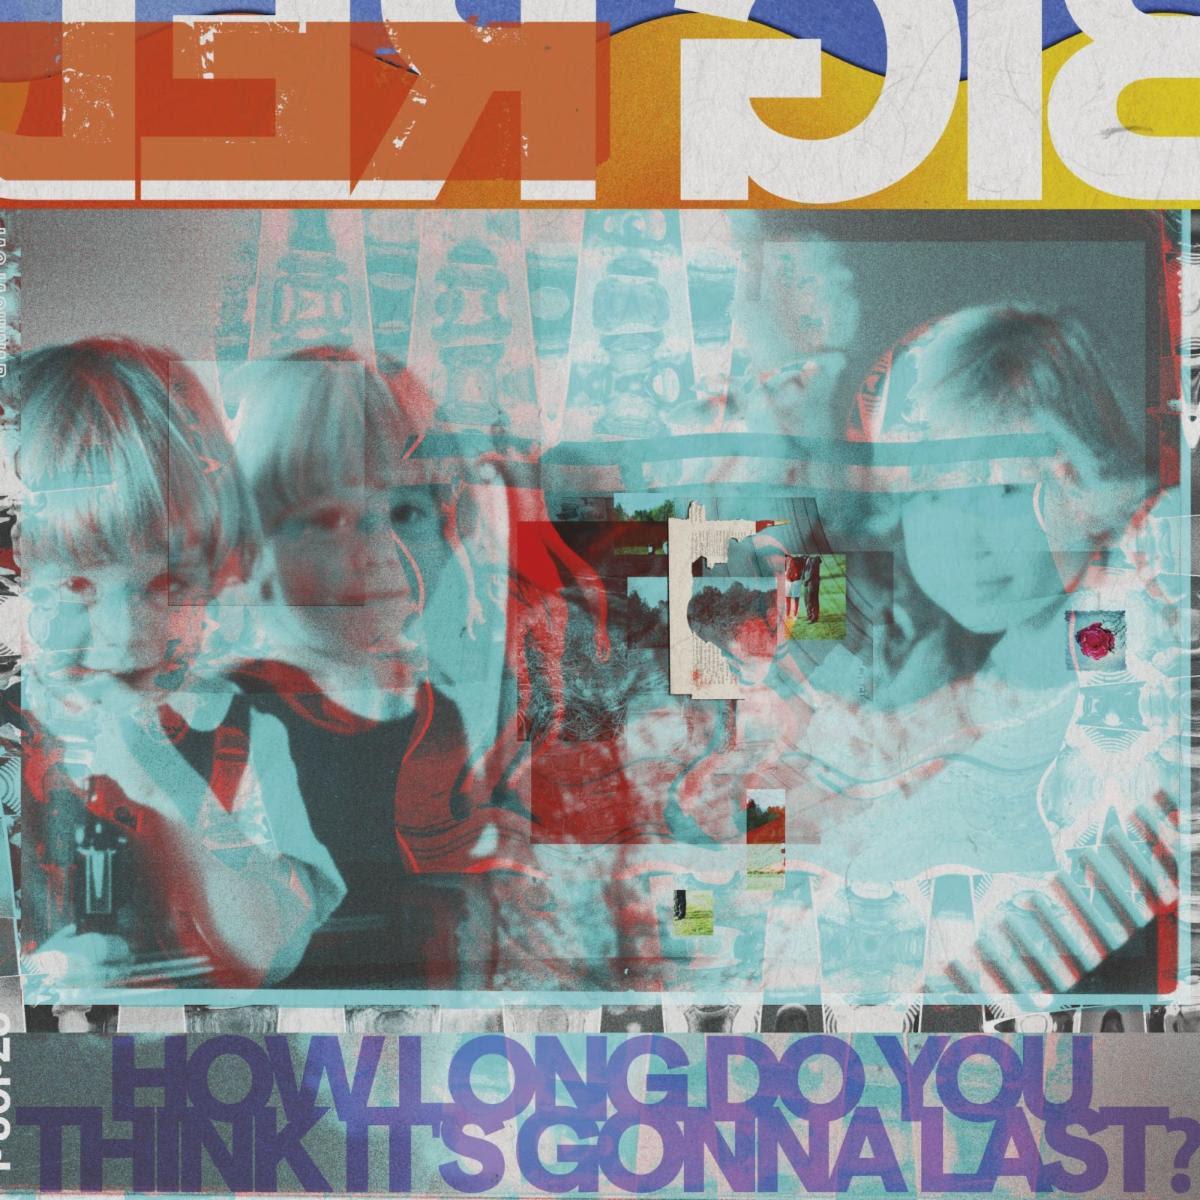 Big Red Machine - Phoenix (feat. Fleet Foxes & Anaïs Mitchell)